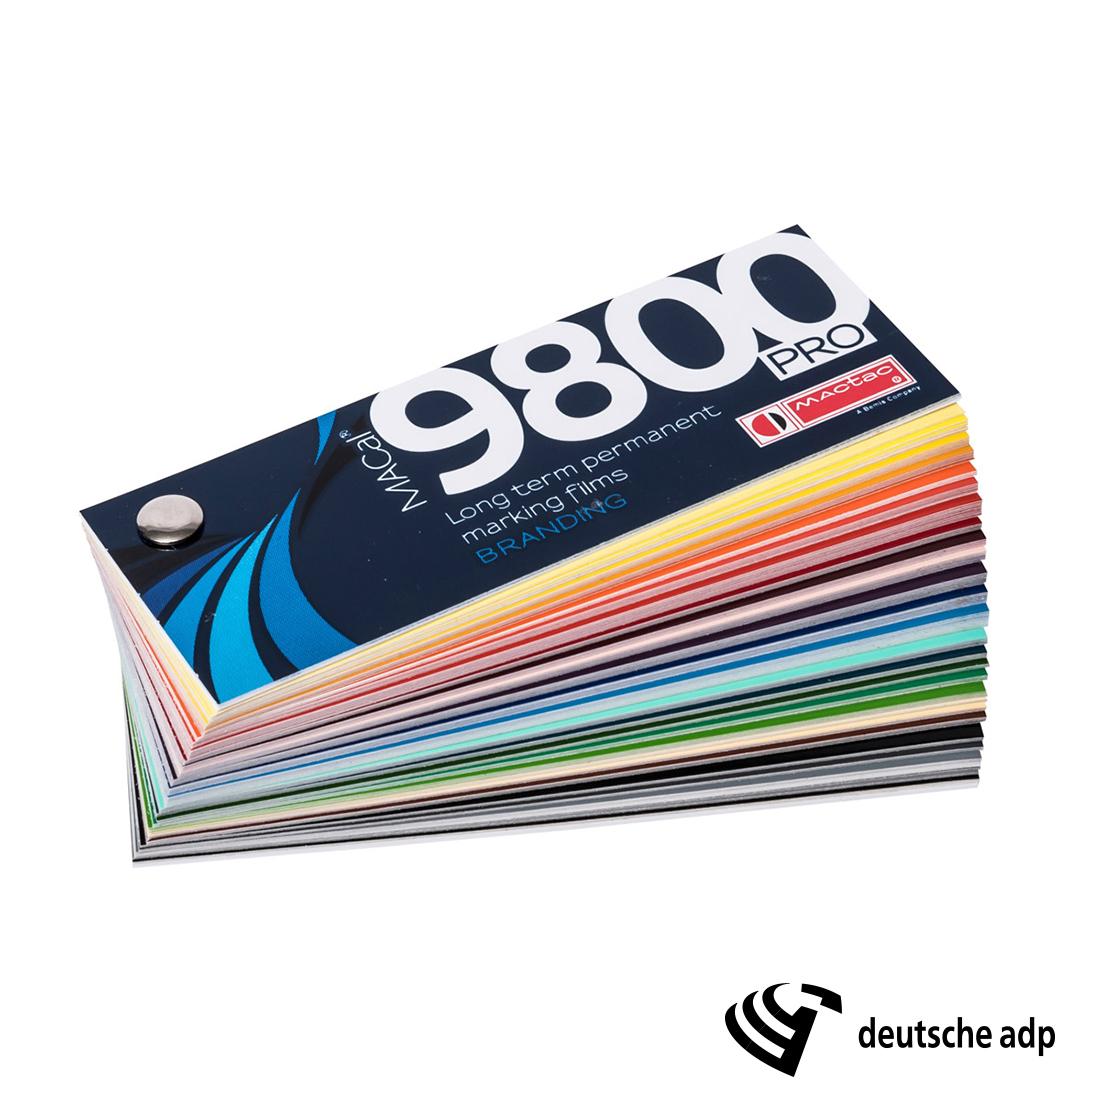 Mactac MACal 9800 Pro / Pro SL